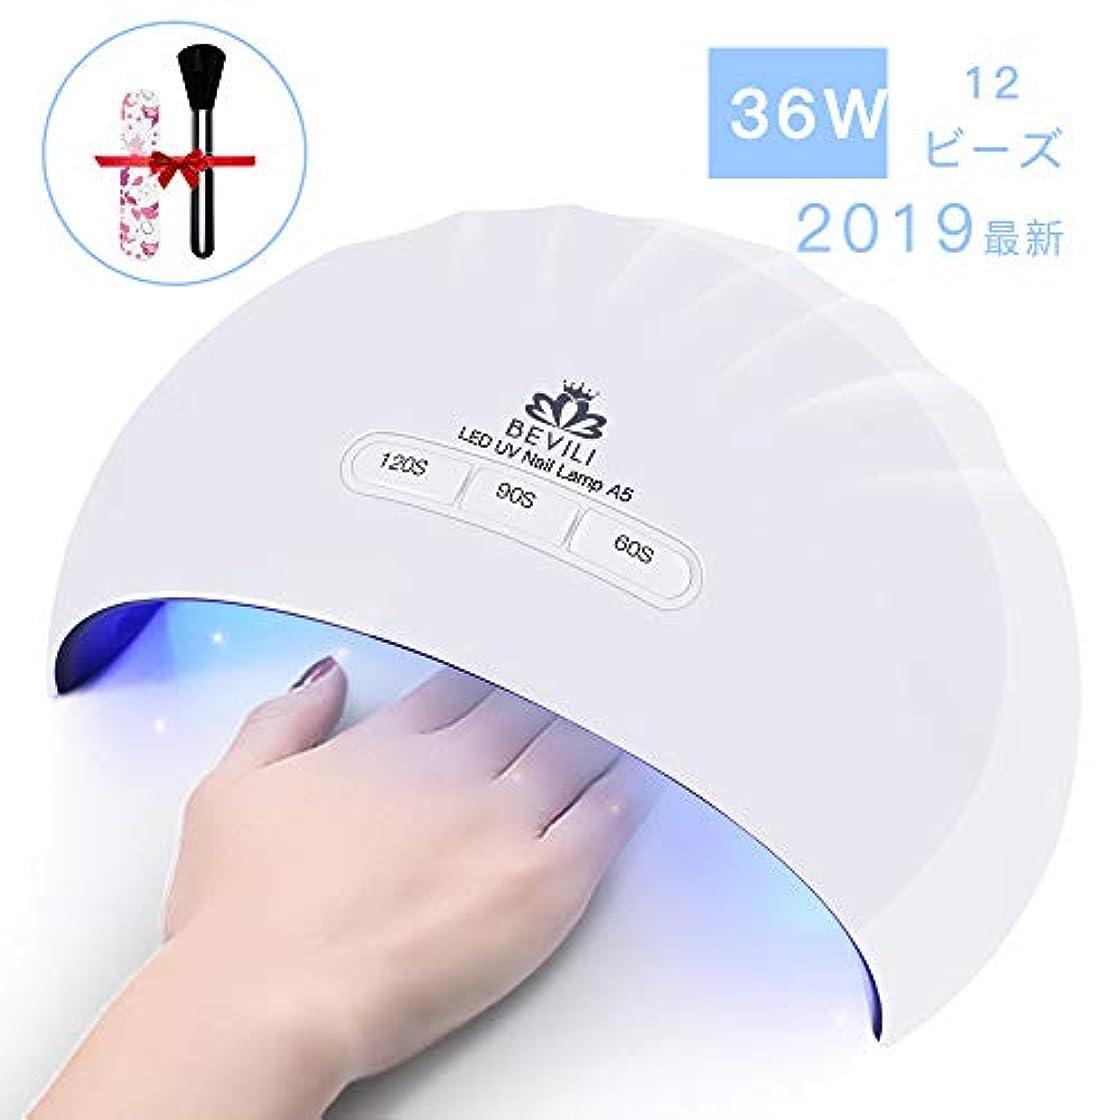 カップ害虫スクラブ硬化用UV/LEDライトジェルネイルライト 肌をケア センサータイマー付き UVライト 速乾UV ネイル ハンドフット両用 ネイル led ライト USB対応 (ホワイト)